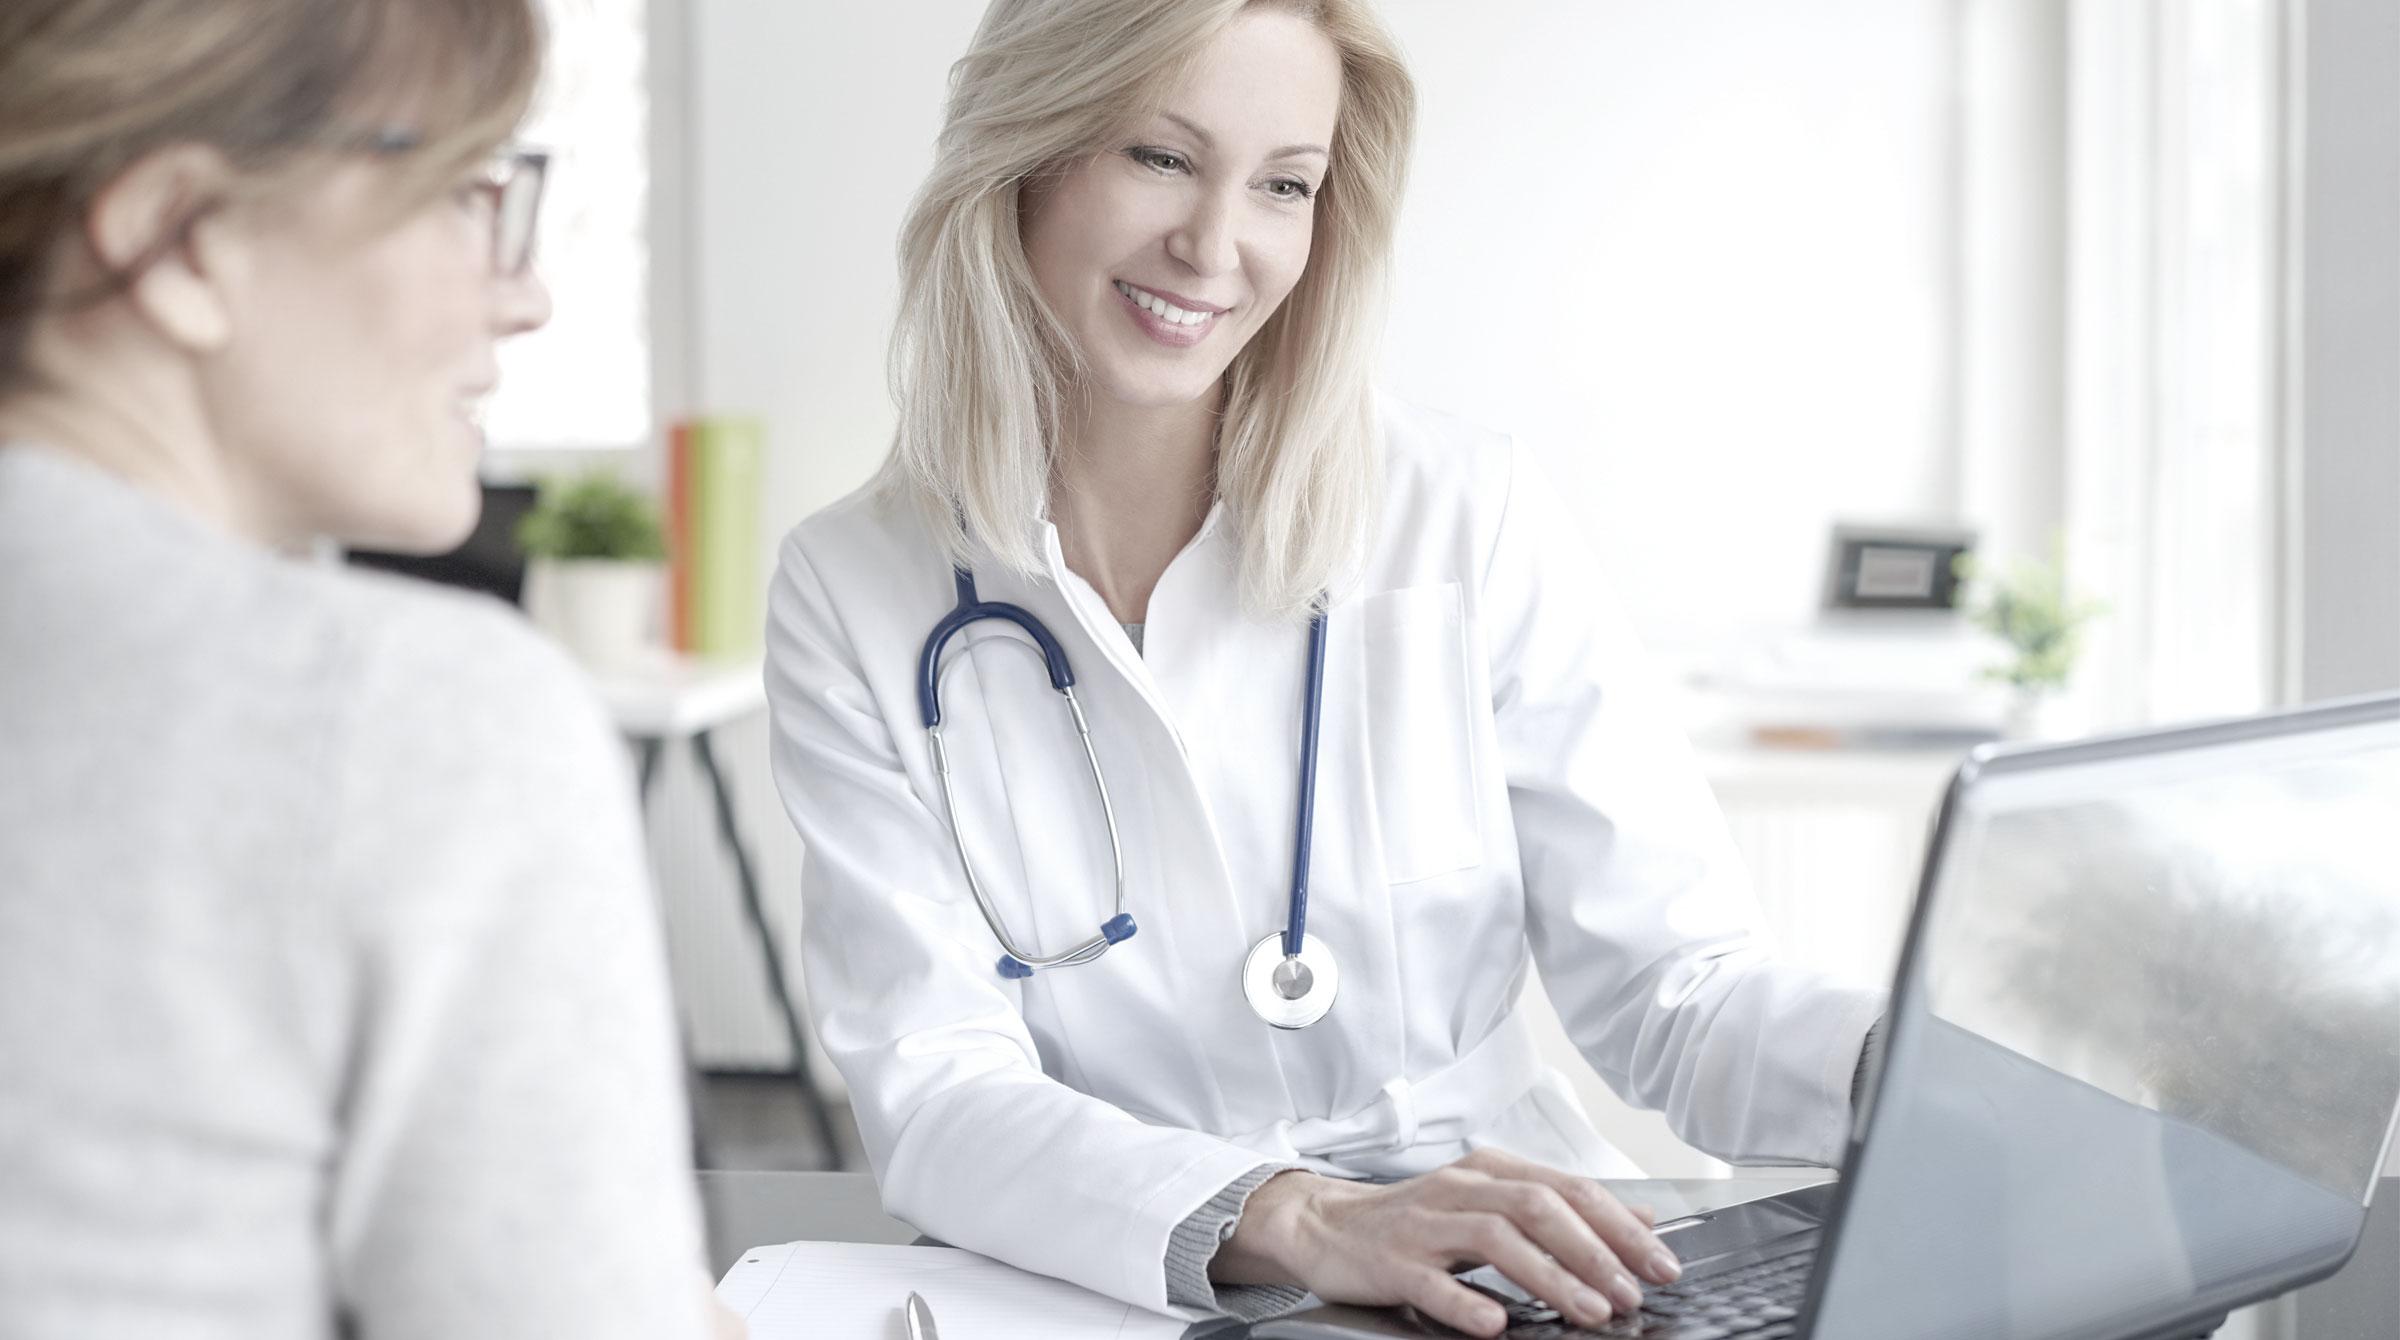 Finden Sie Ihre private Krankenversicherung (PKV) mit der Beratung von Dr. Klein!